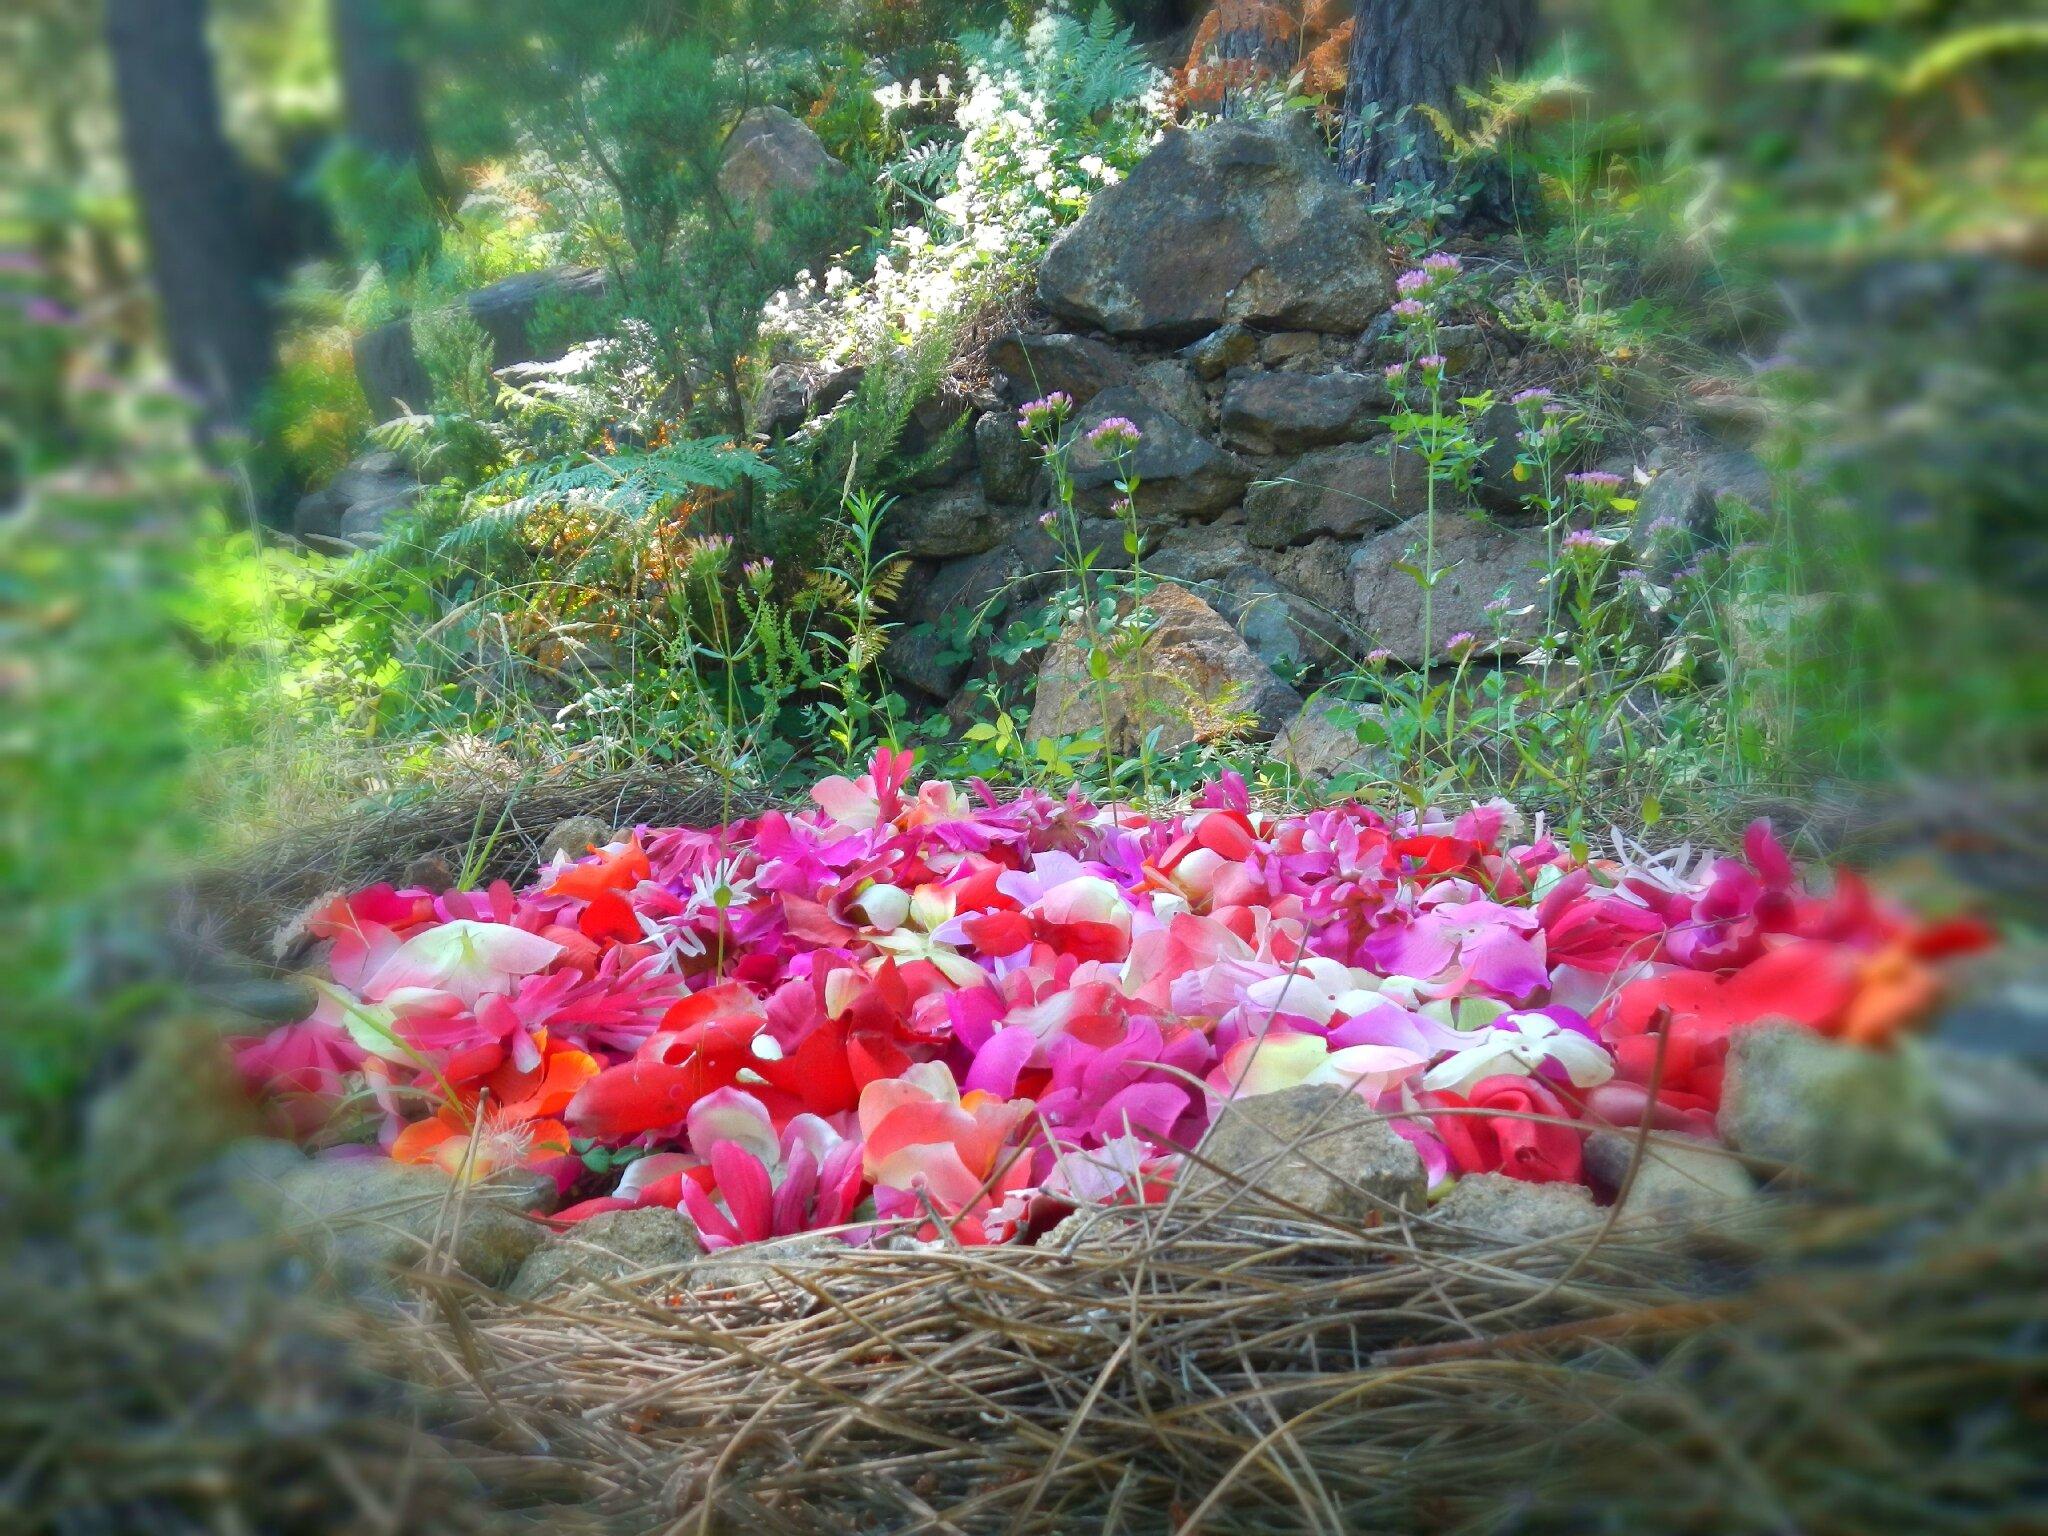 cercle de fleurs rouges et roses